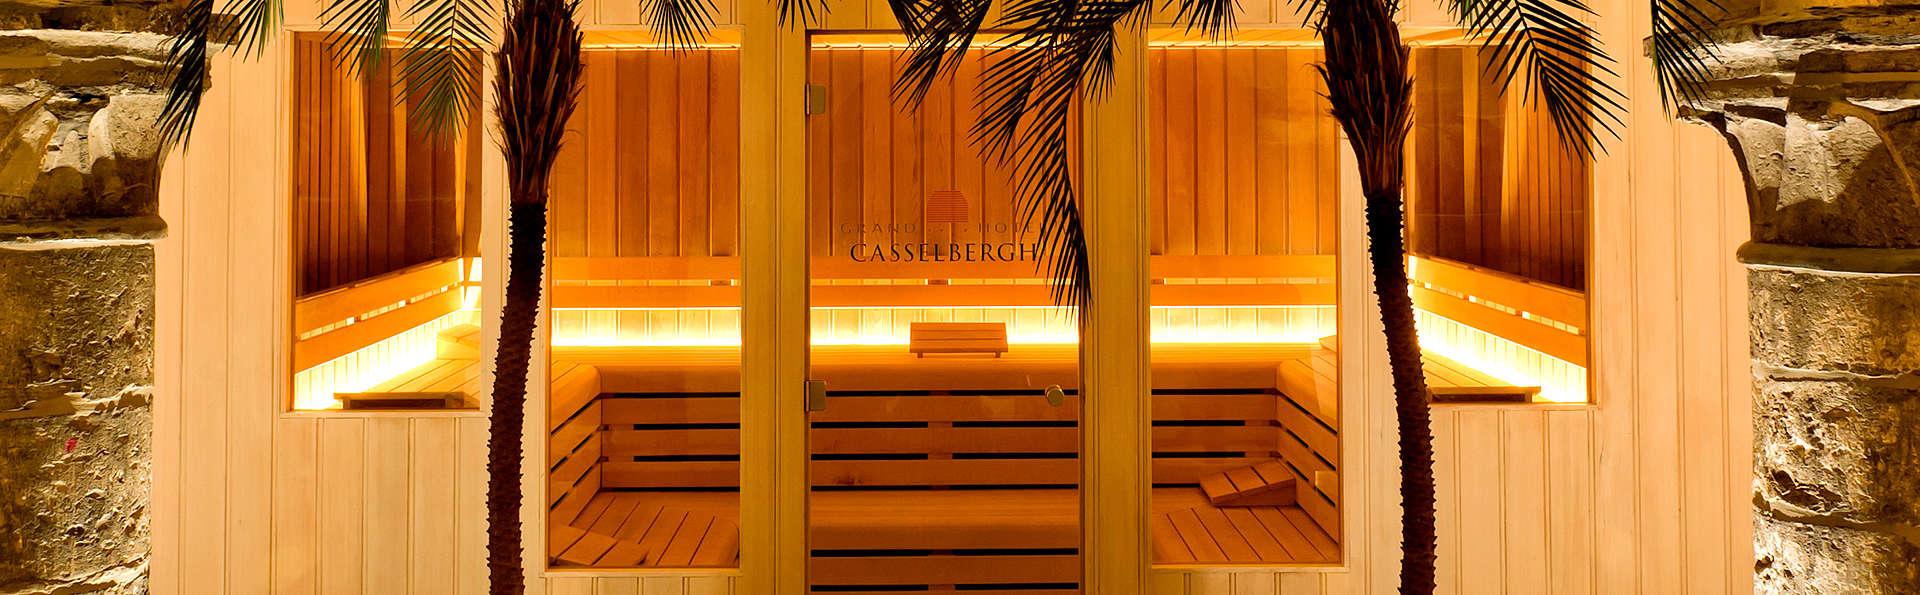 Grand Hotel Casselbergh Brugge - EDIT_NEW_SAUNA.jpg